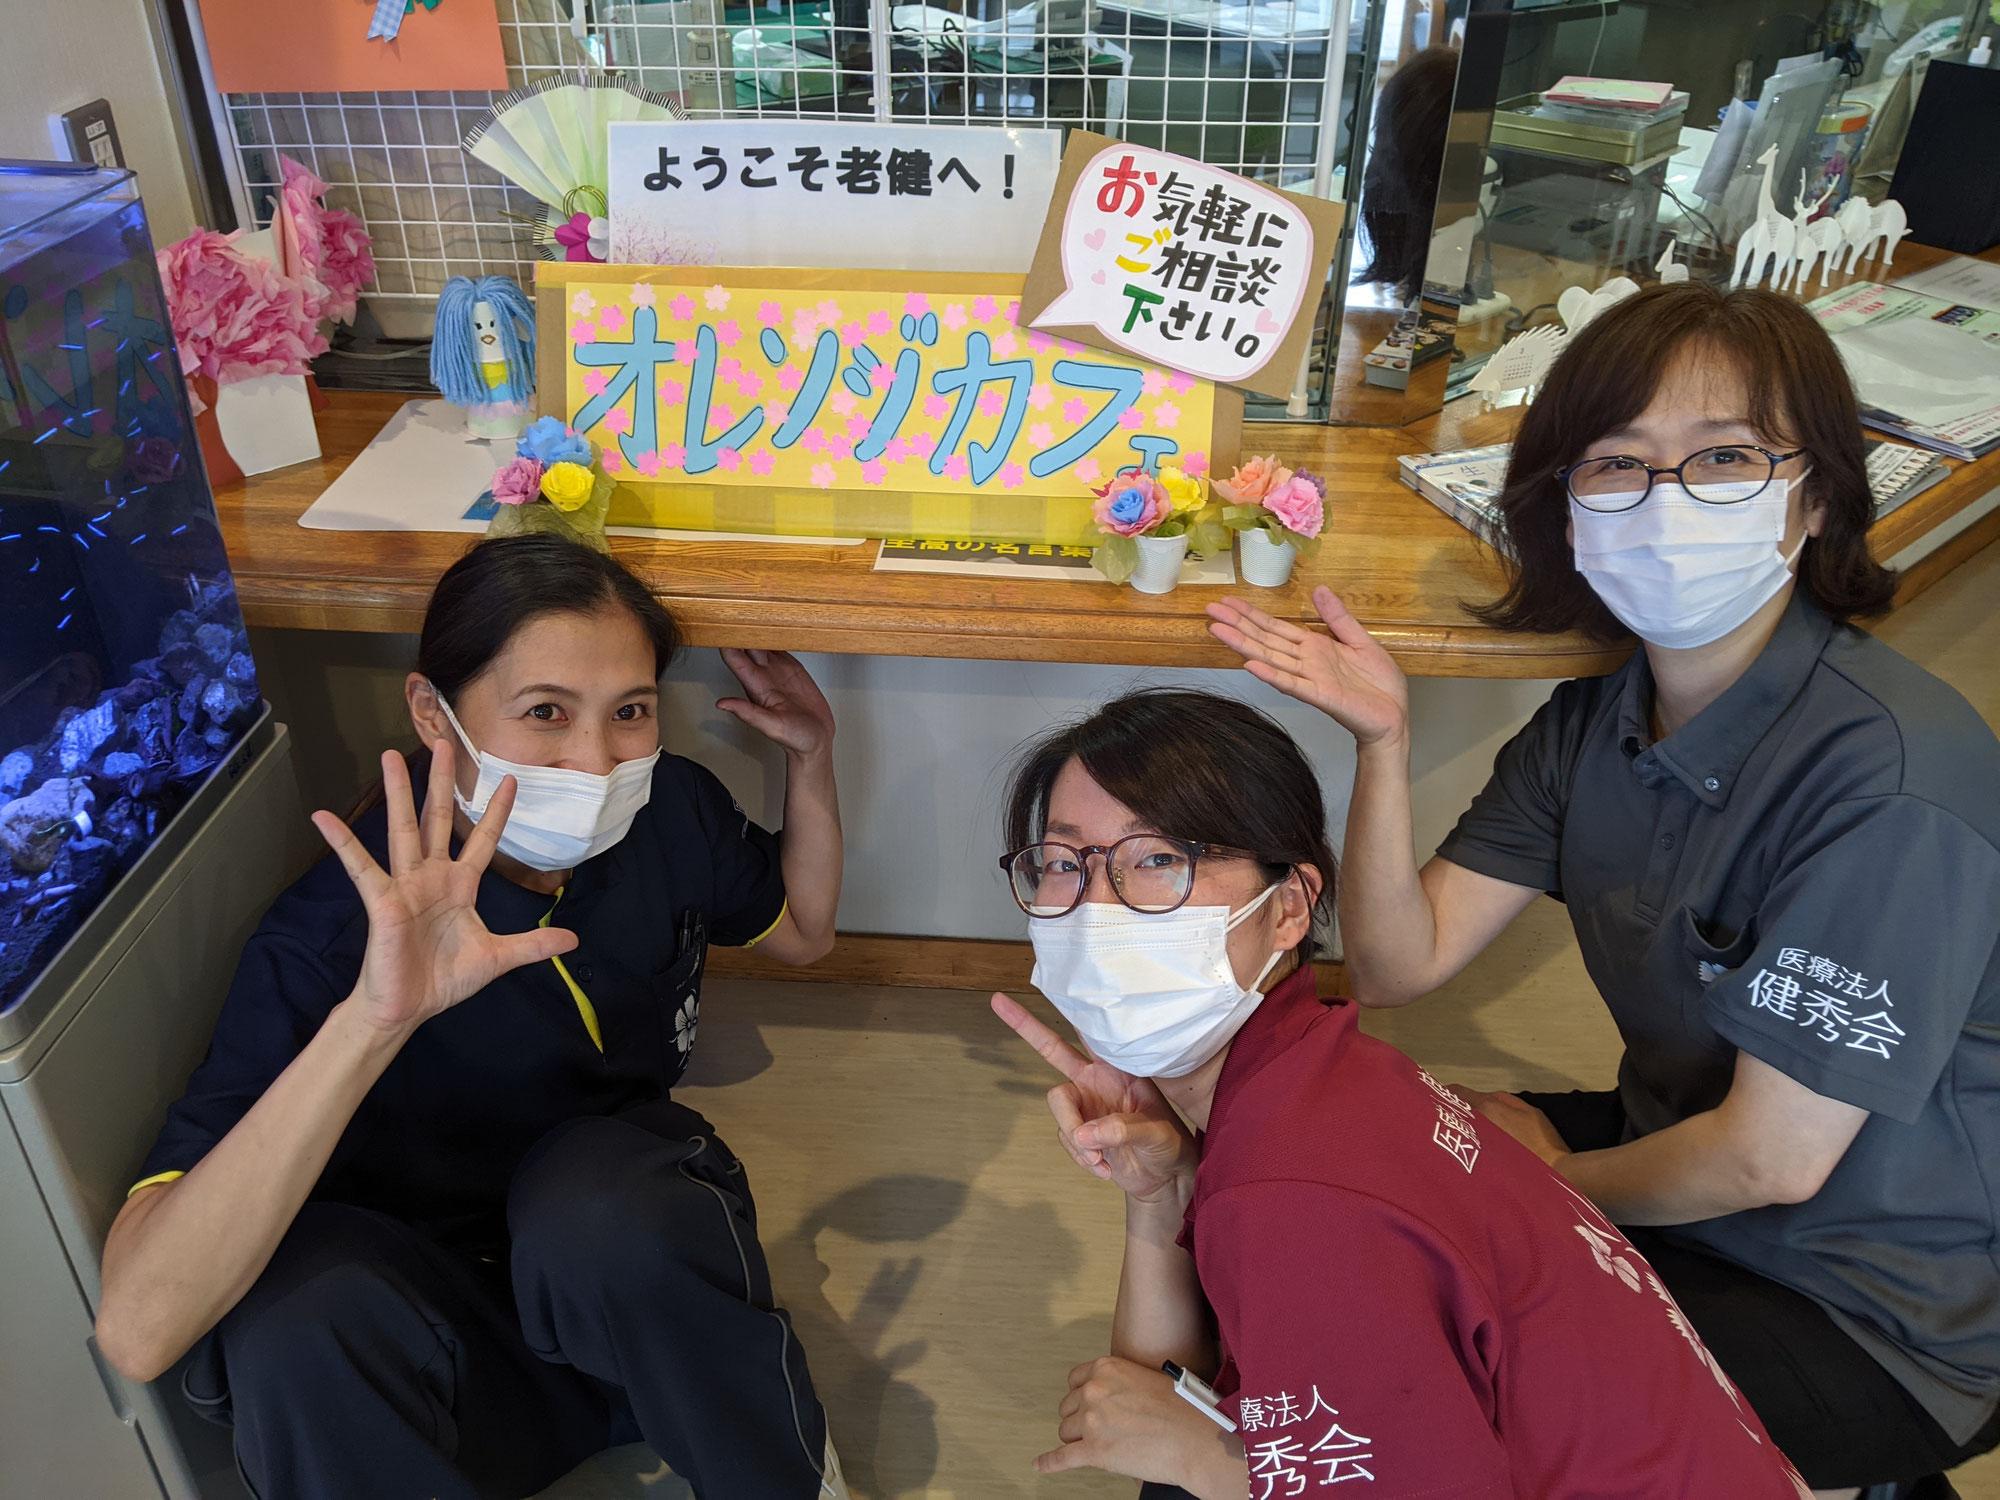 ろうけん戸田 オレンジカフェについて